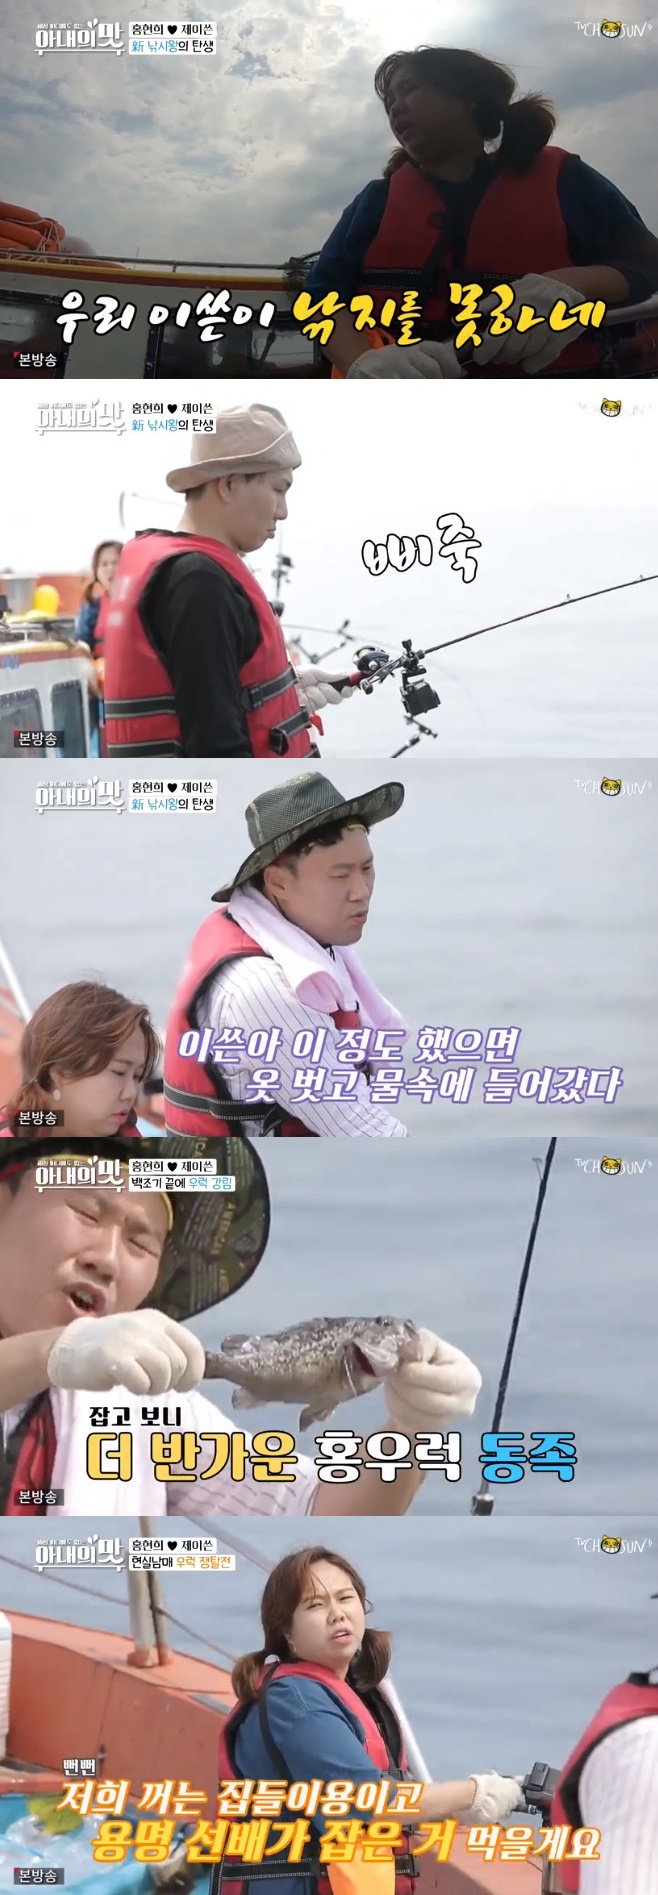 아내의 맛, 홍현희 제이쓴 김용명